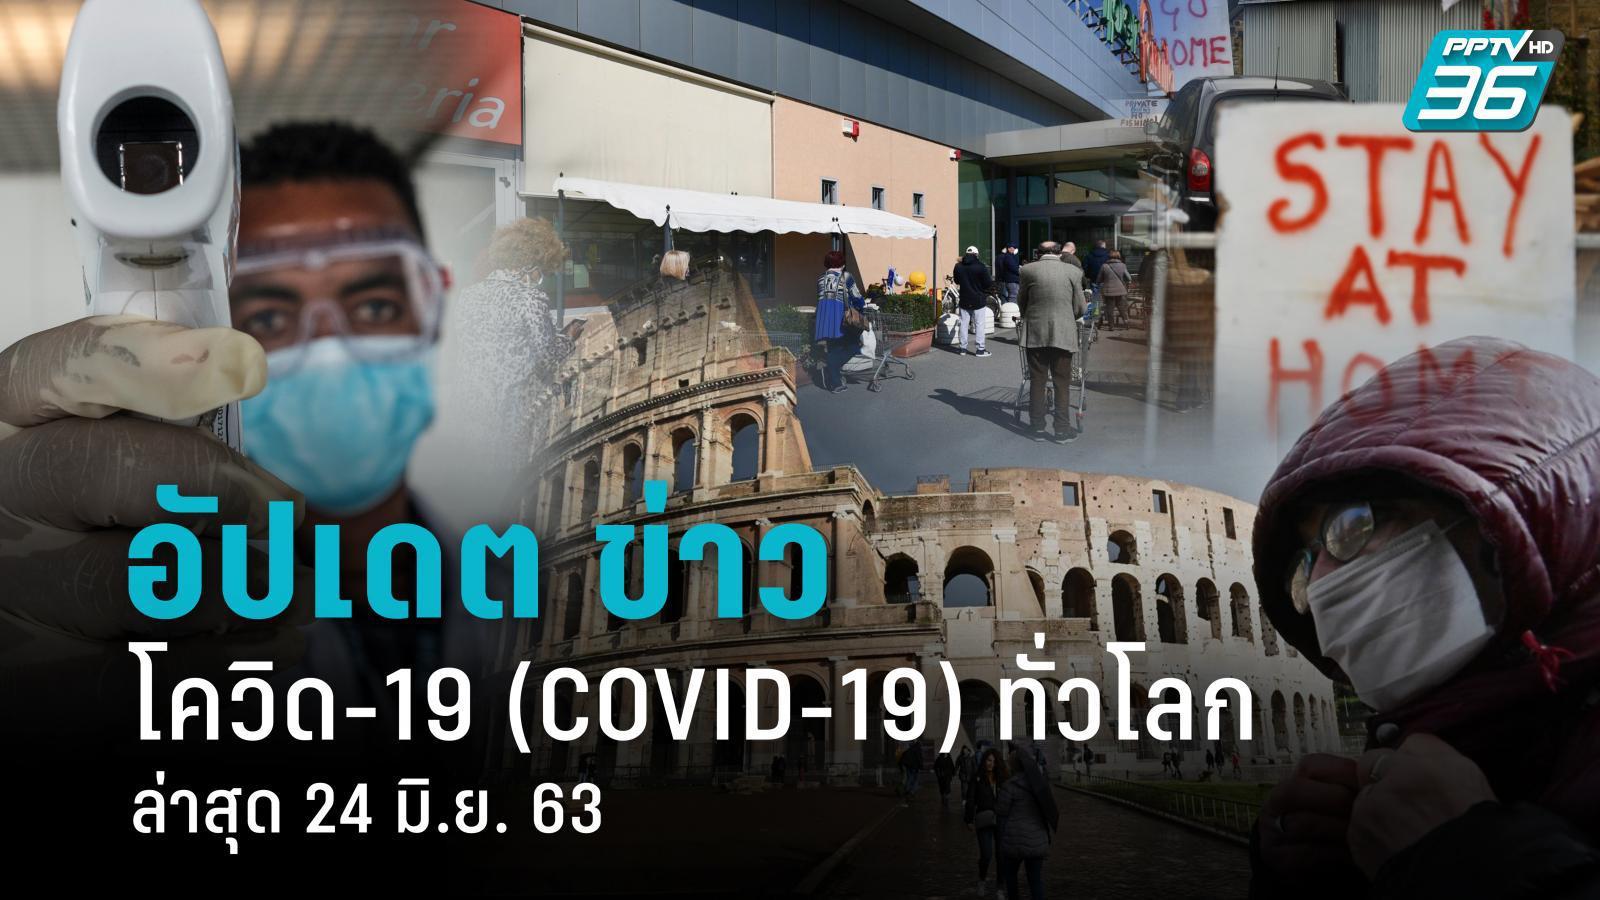 อัปเดตข่าว สถานการณ์ โควิด-19 ทั่วโลก ล่าสุด 24 มิ.ย. 63